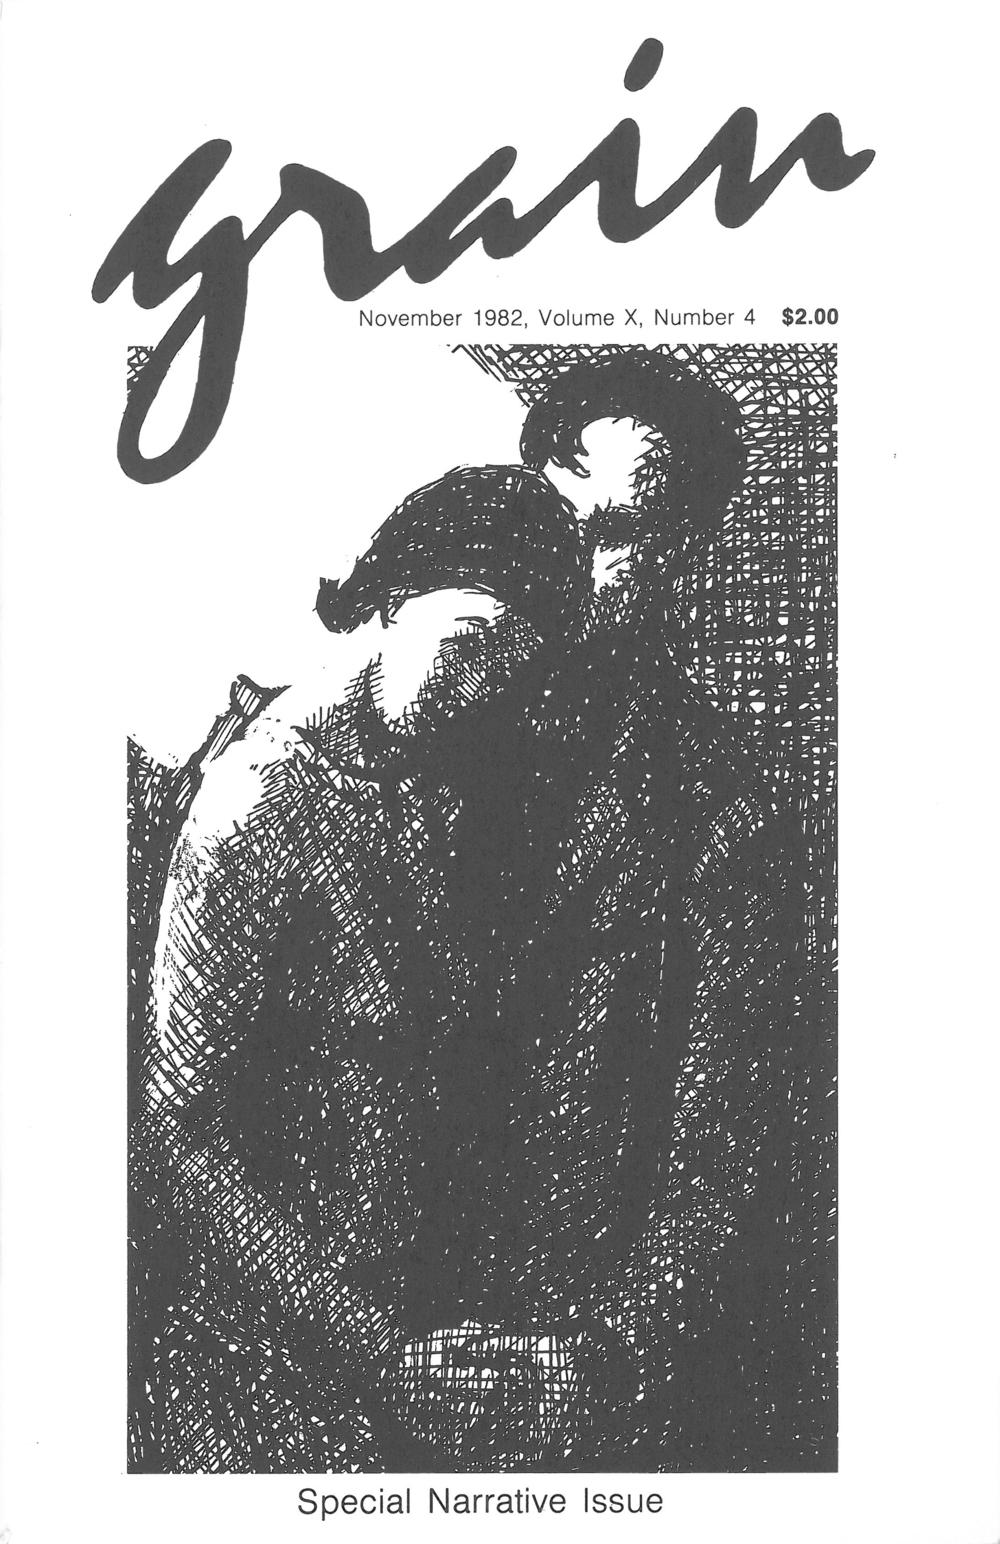 10.4 November 1982